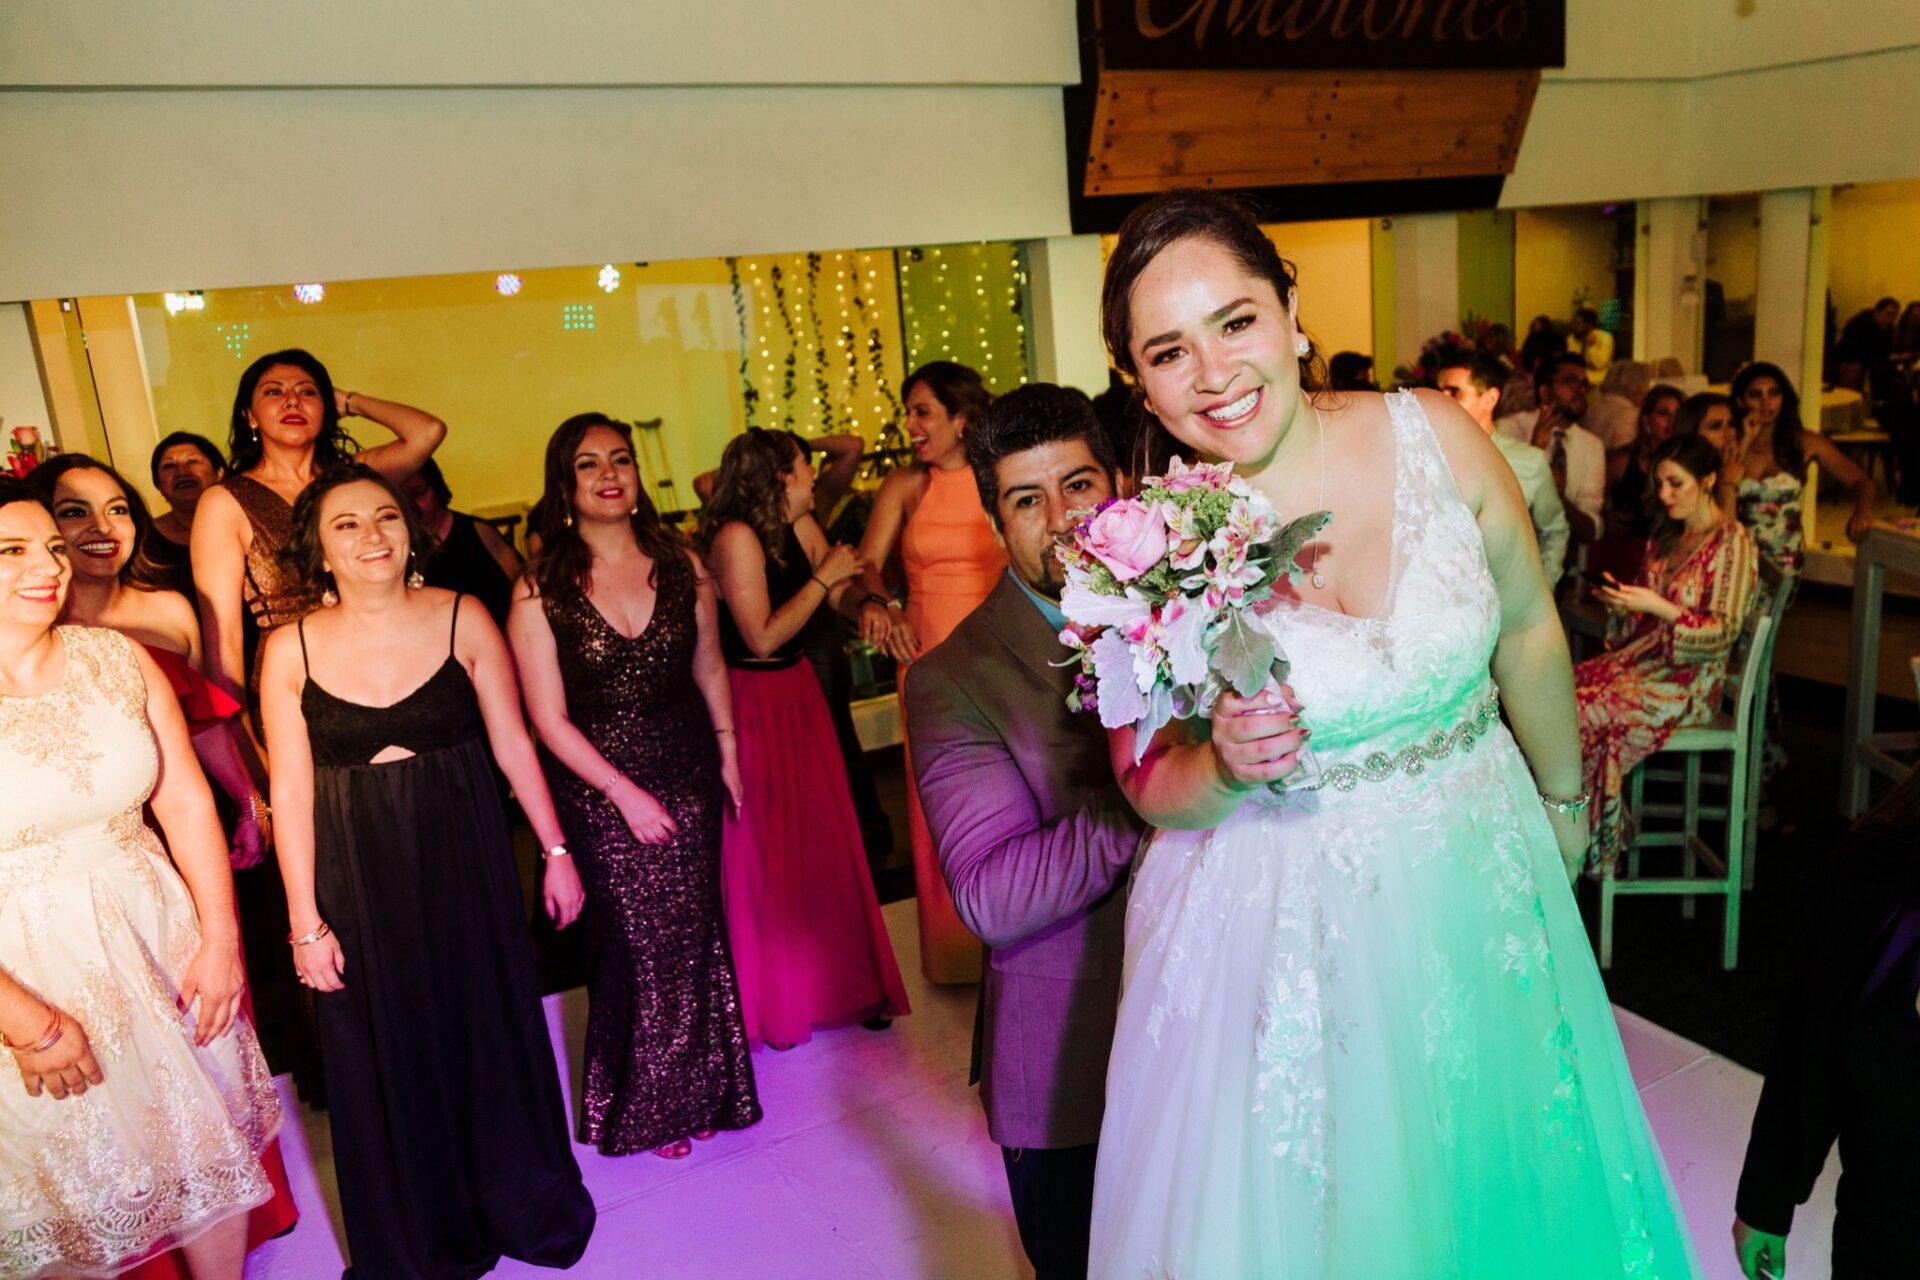 javier_noriega_fotografo_bodas_los_gaviones_zacatecas_wedding_photographer24